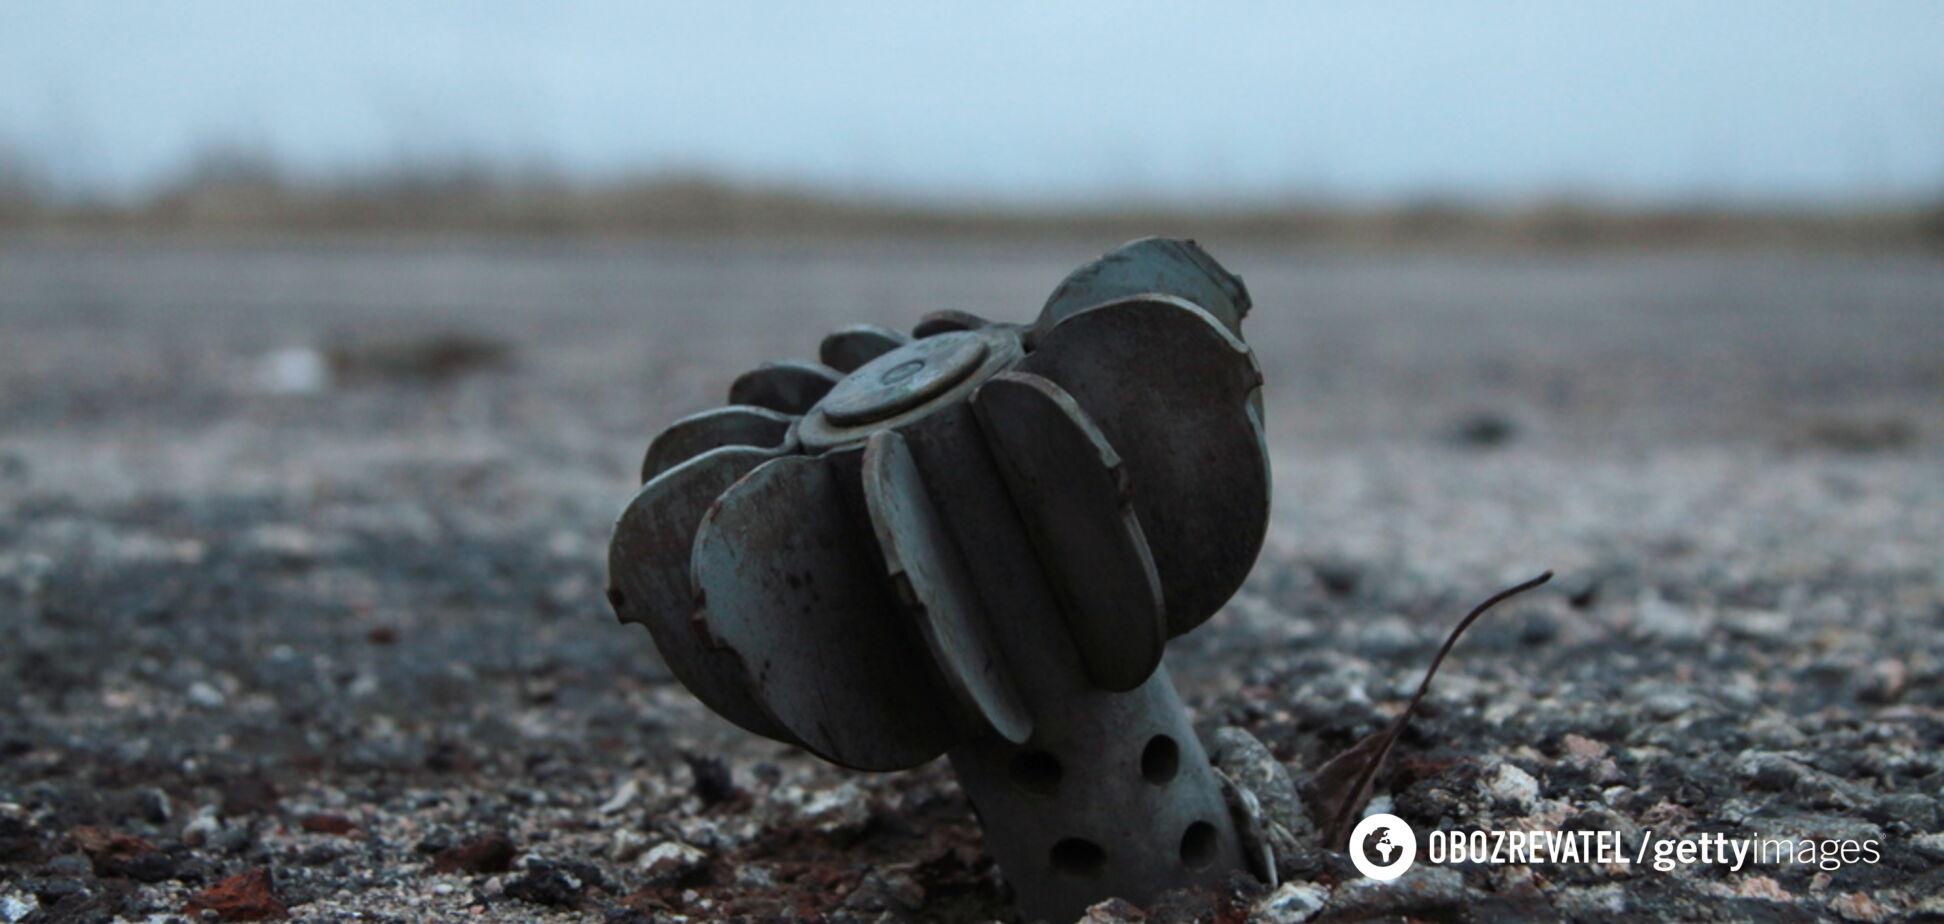 Війна на Донбасі закінчиться: в Україні назвали три кроки